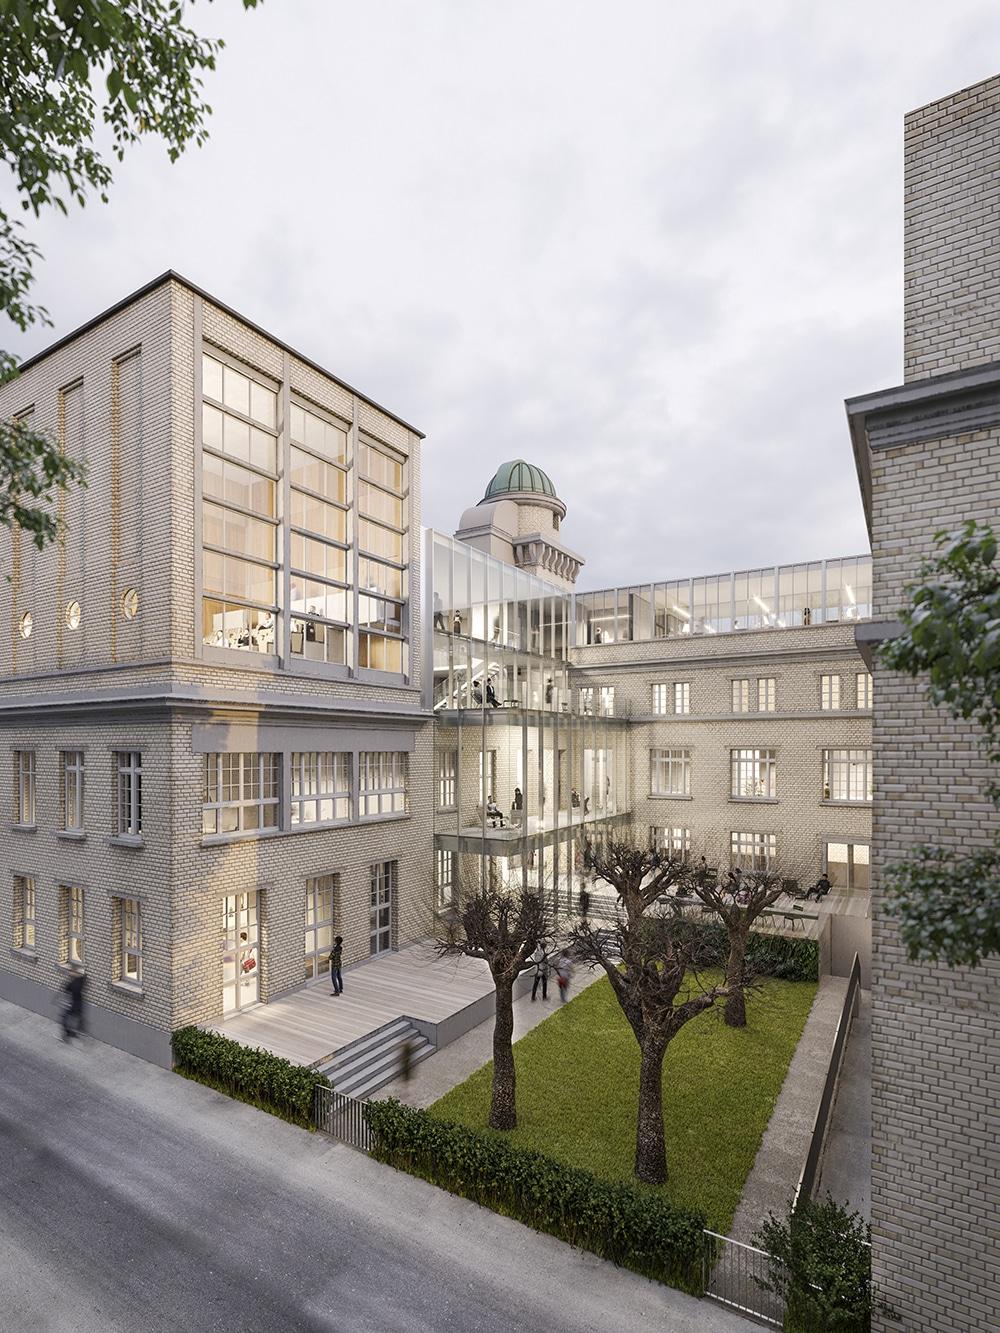 maison poincaré musée des mathématiques paris 2021